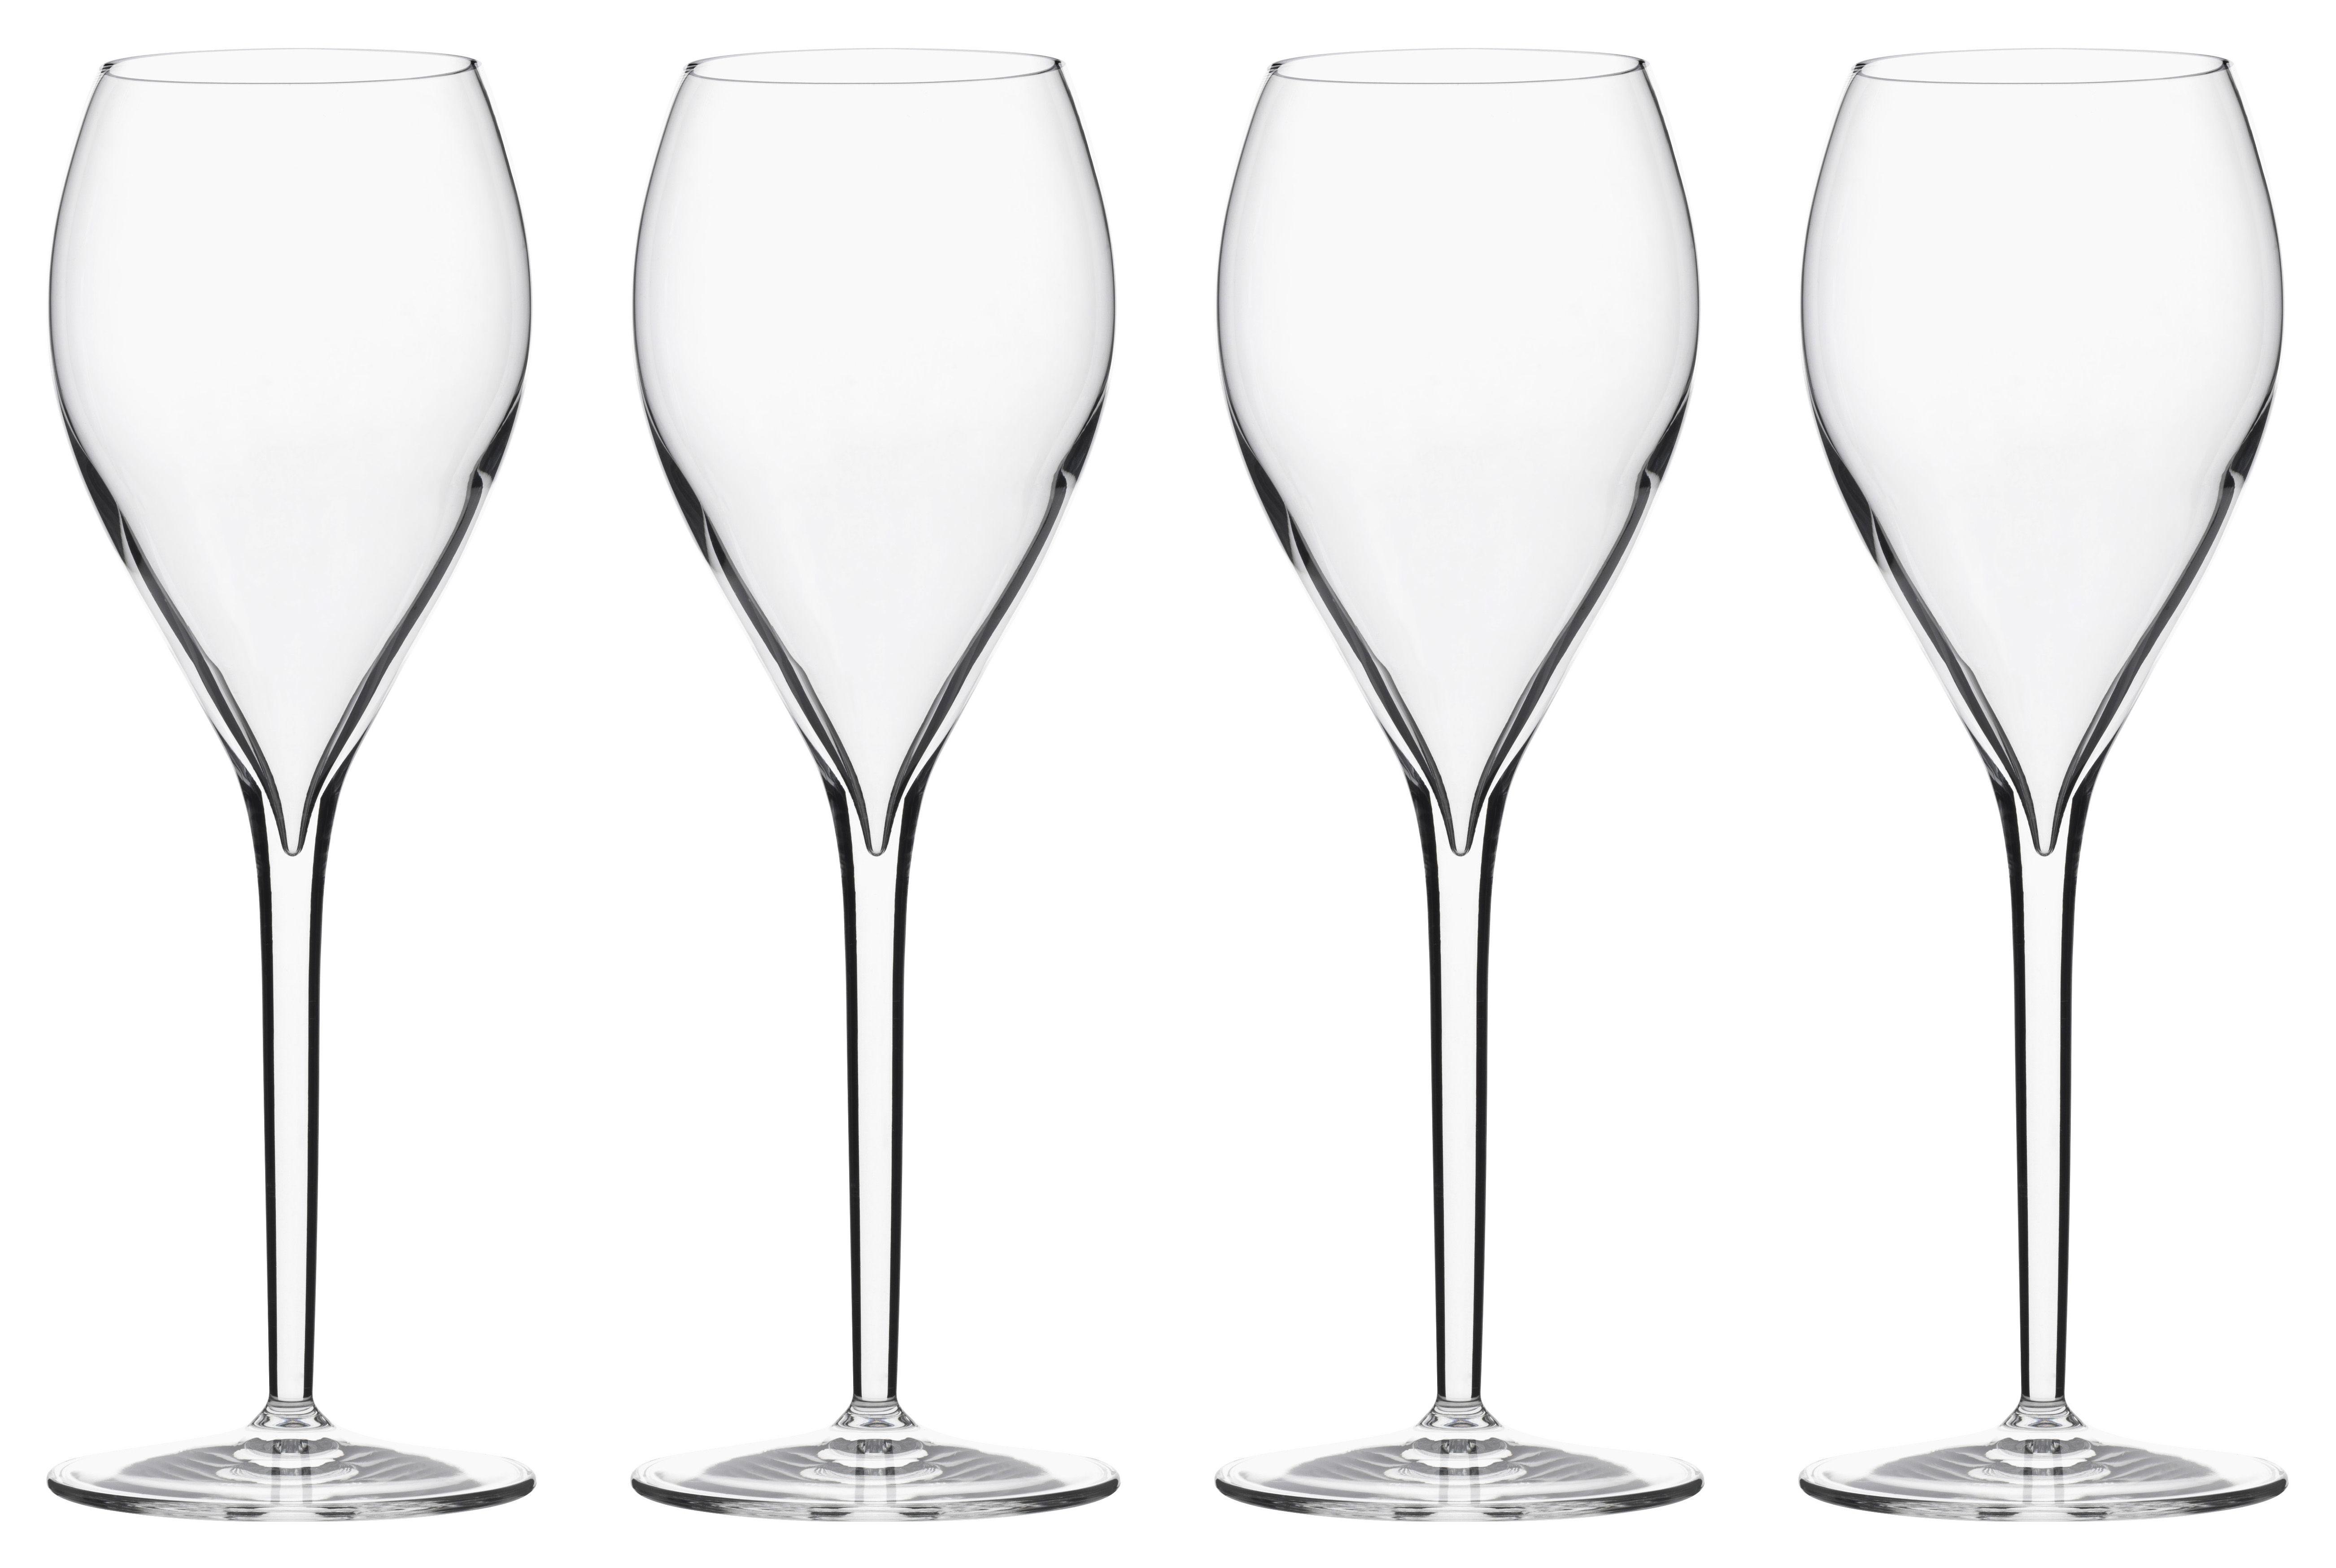 Arts de la table - Verres  - Flûte à champagne Privé Grand Cru / 33 cl - Lot de 6 - Italesse - Transparent - Verre